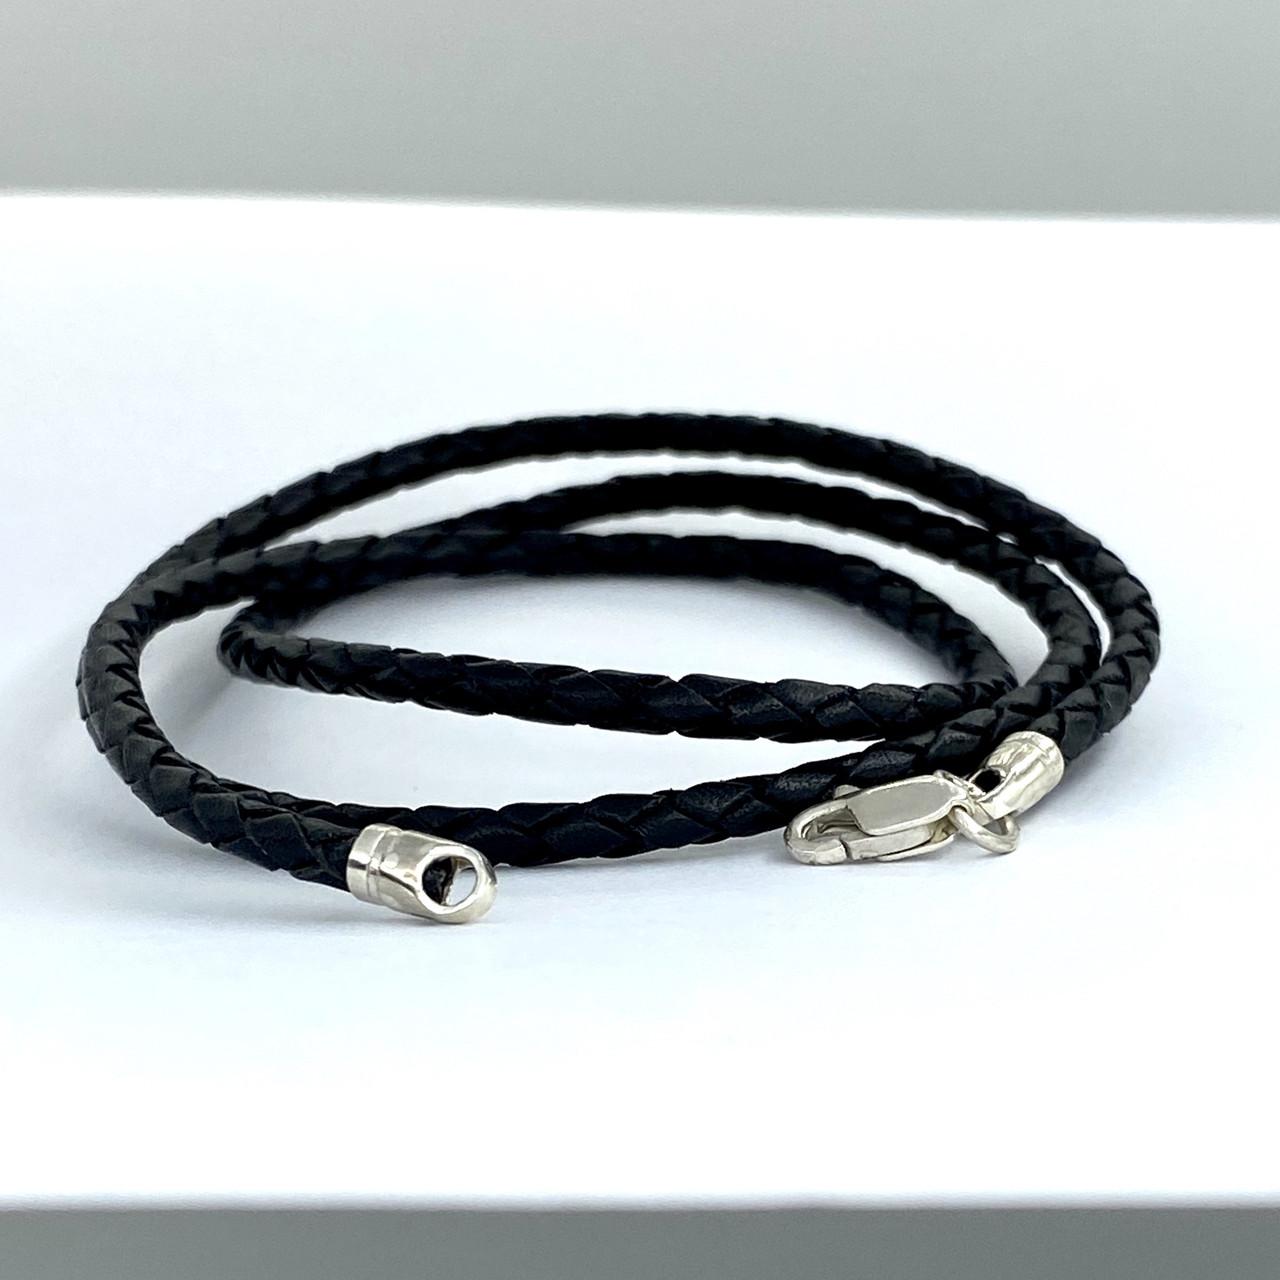 Шнурок черный из  высококачественной плетеной кожи с серебряным замком